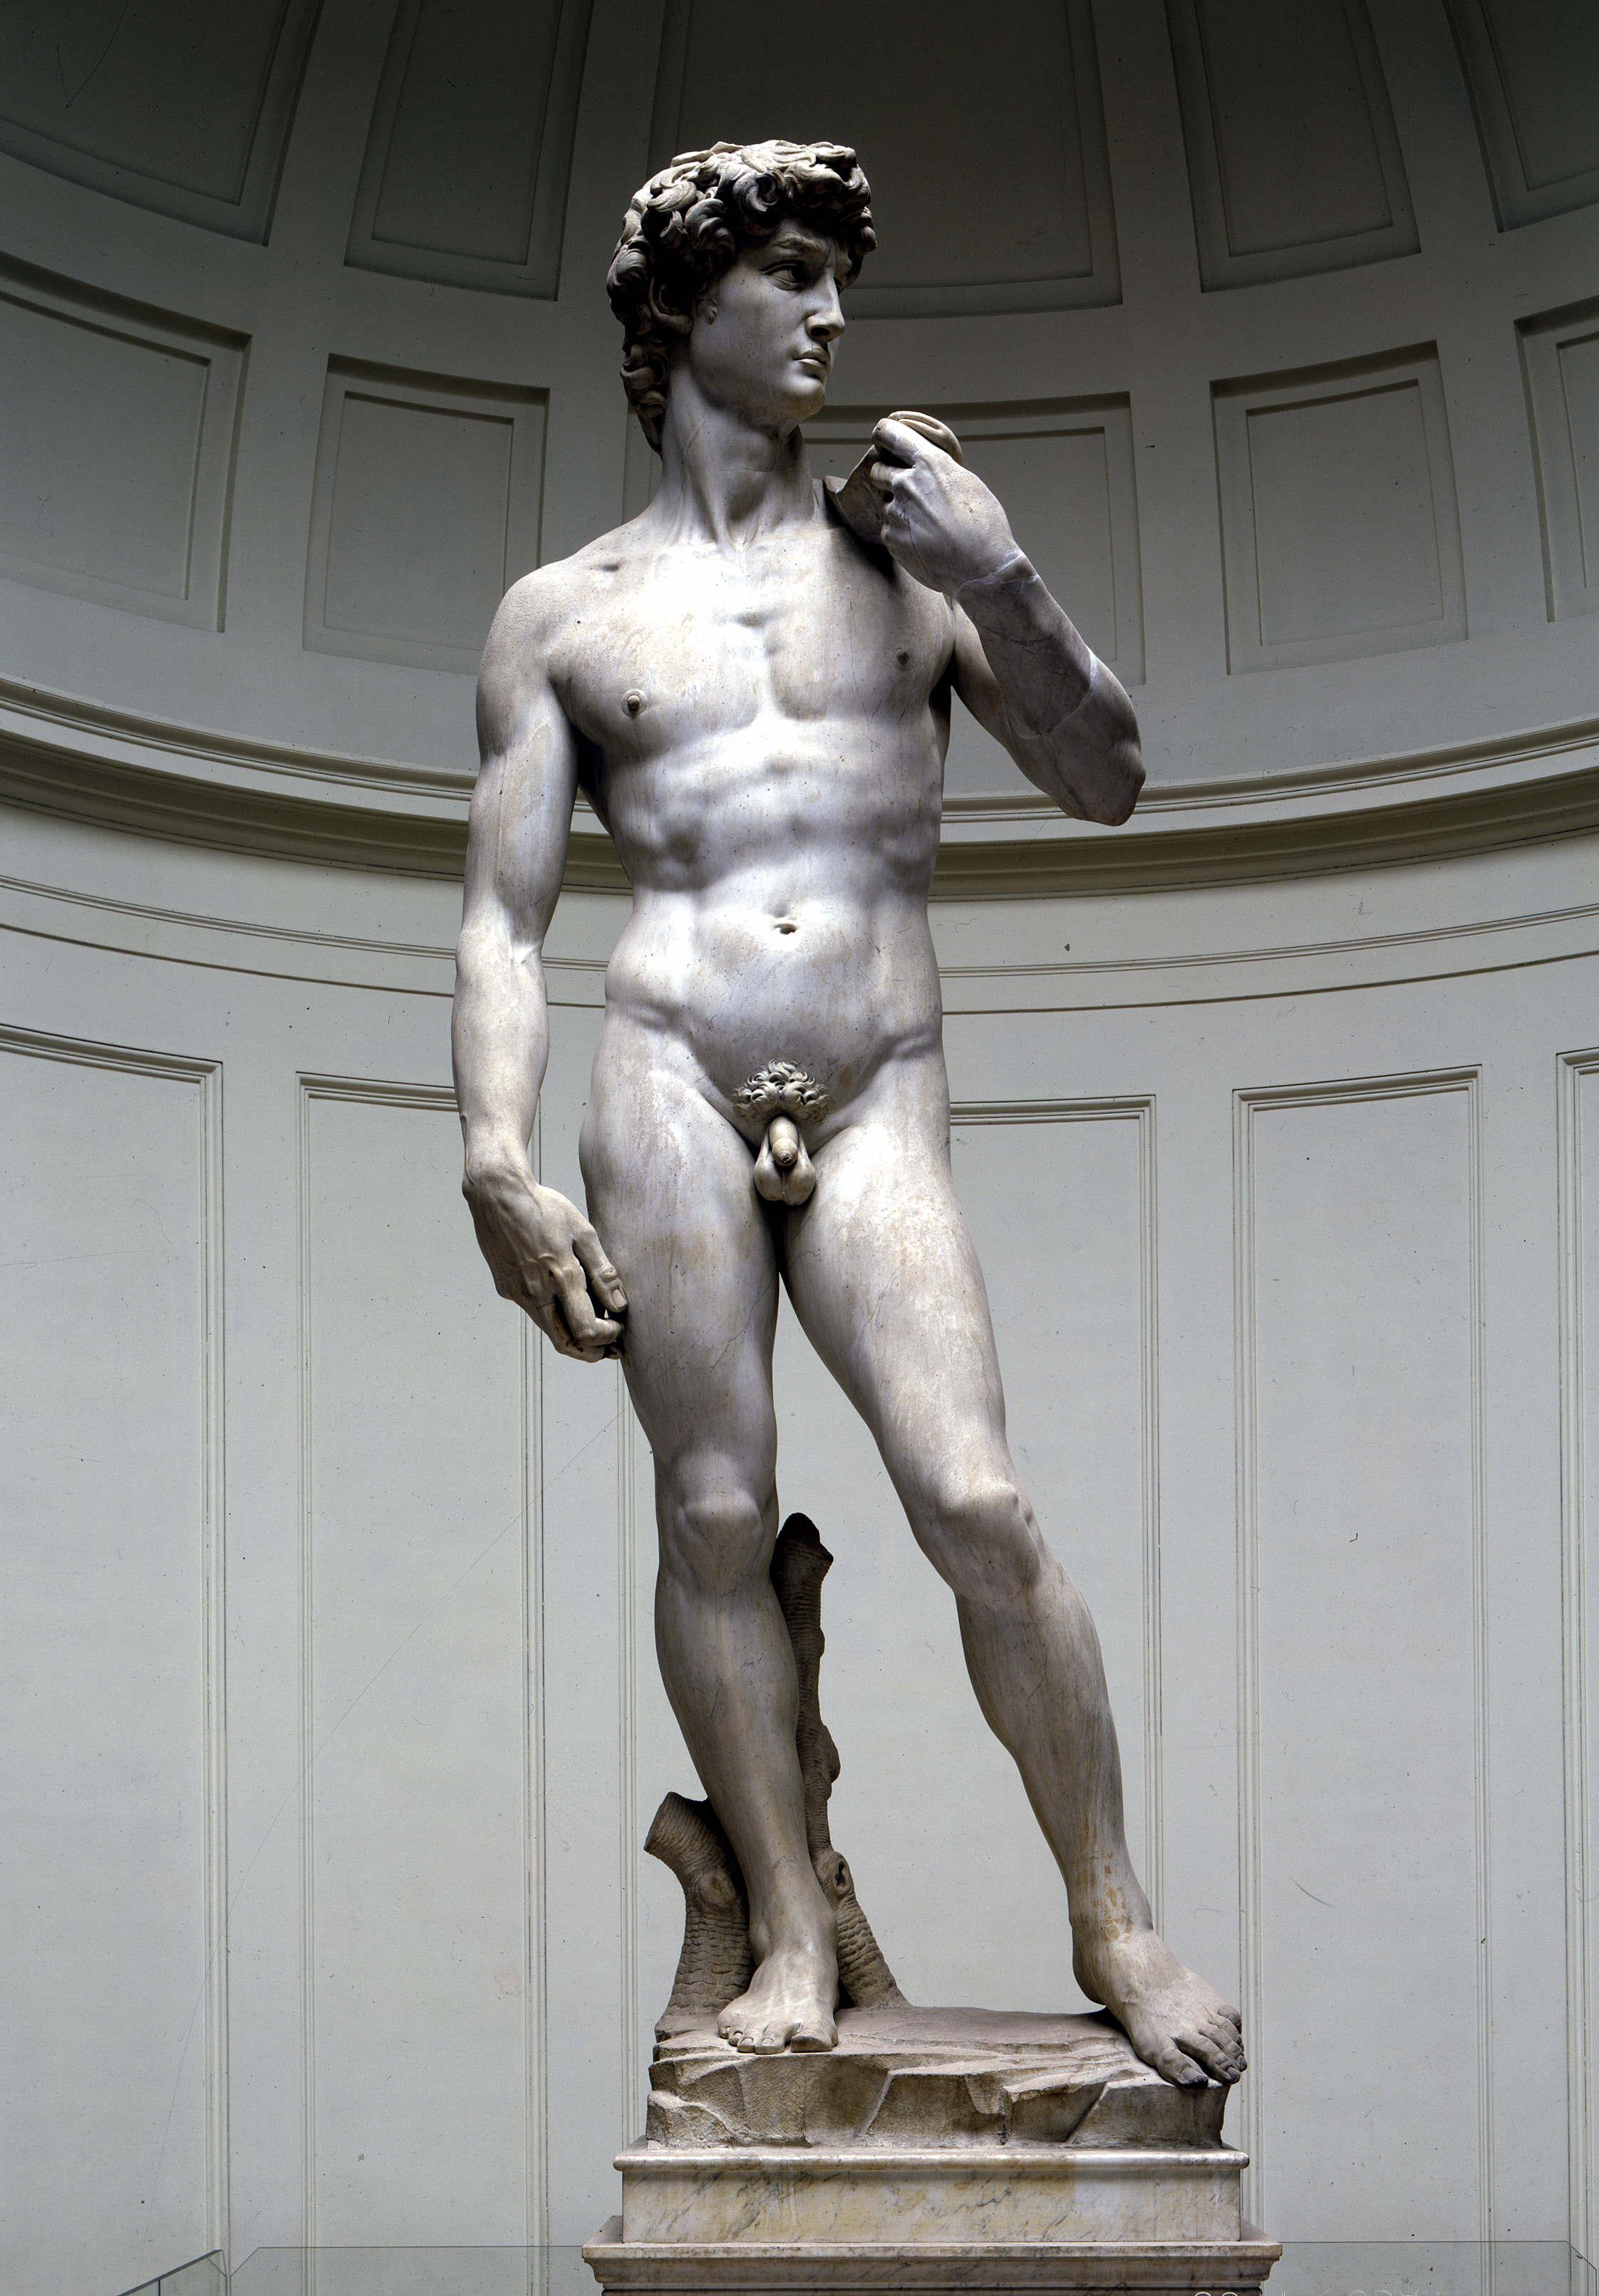 Érdekelne, hogy minden kövér férfi (értsd kg felett) pénisze kicsi? Merev